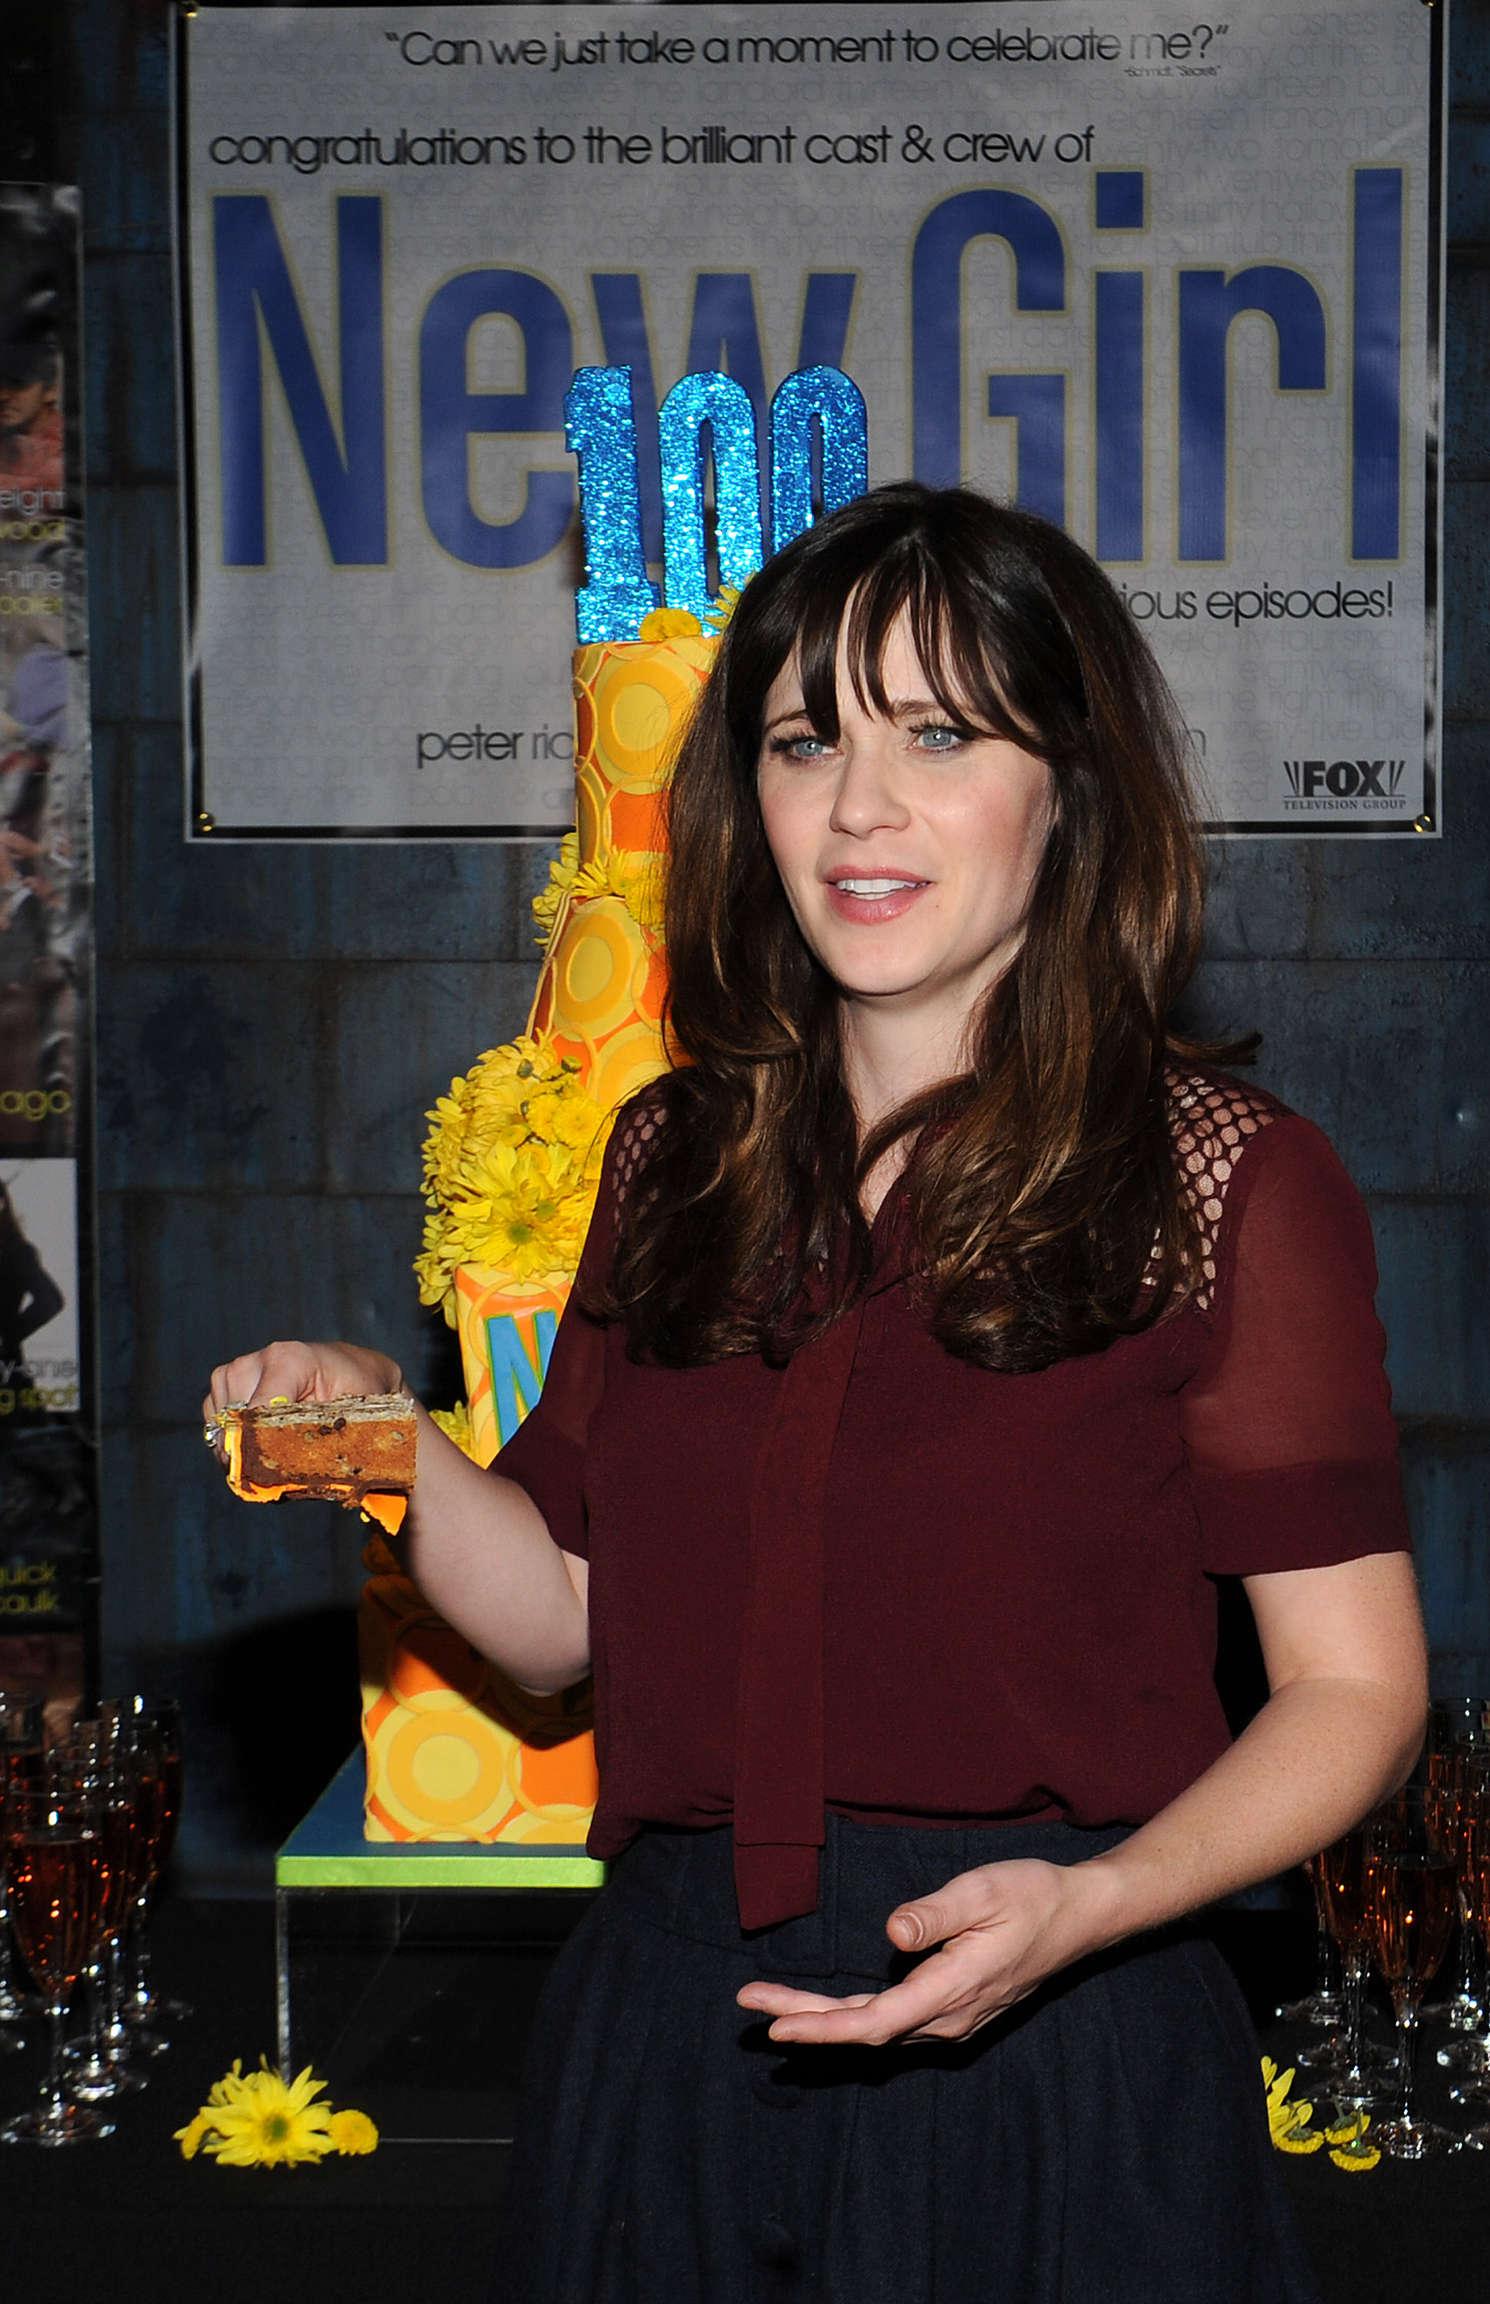 Zooey Deschanel and Hannah Simone FOXs New Girl Episode Cake Cutting in Culver City